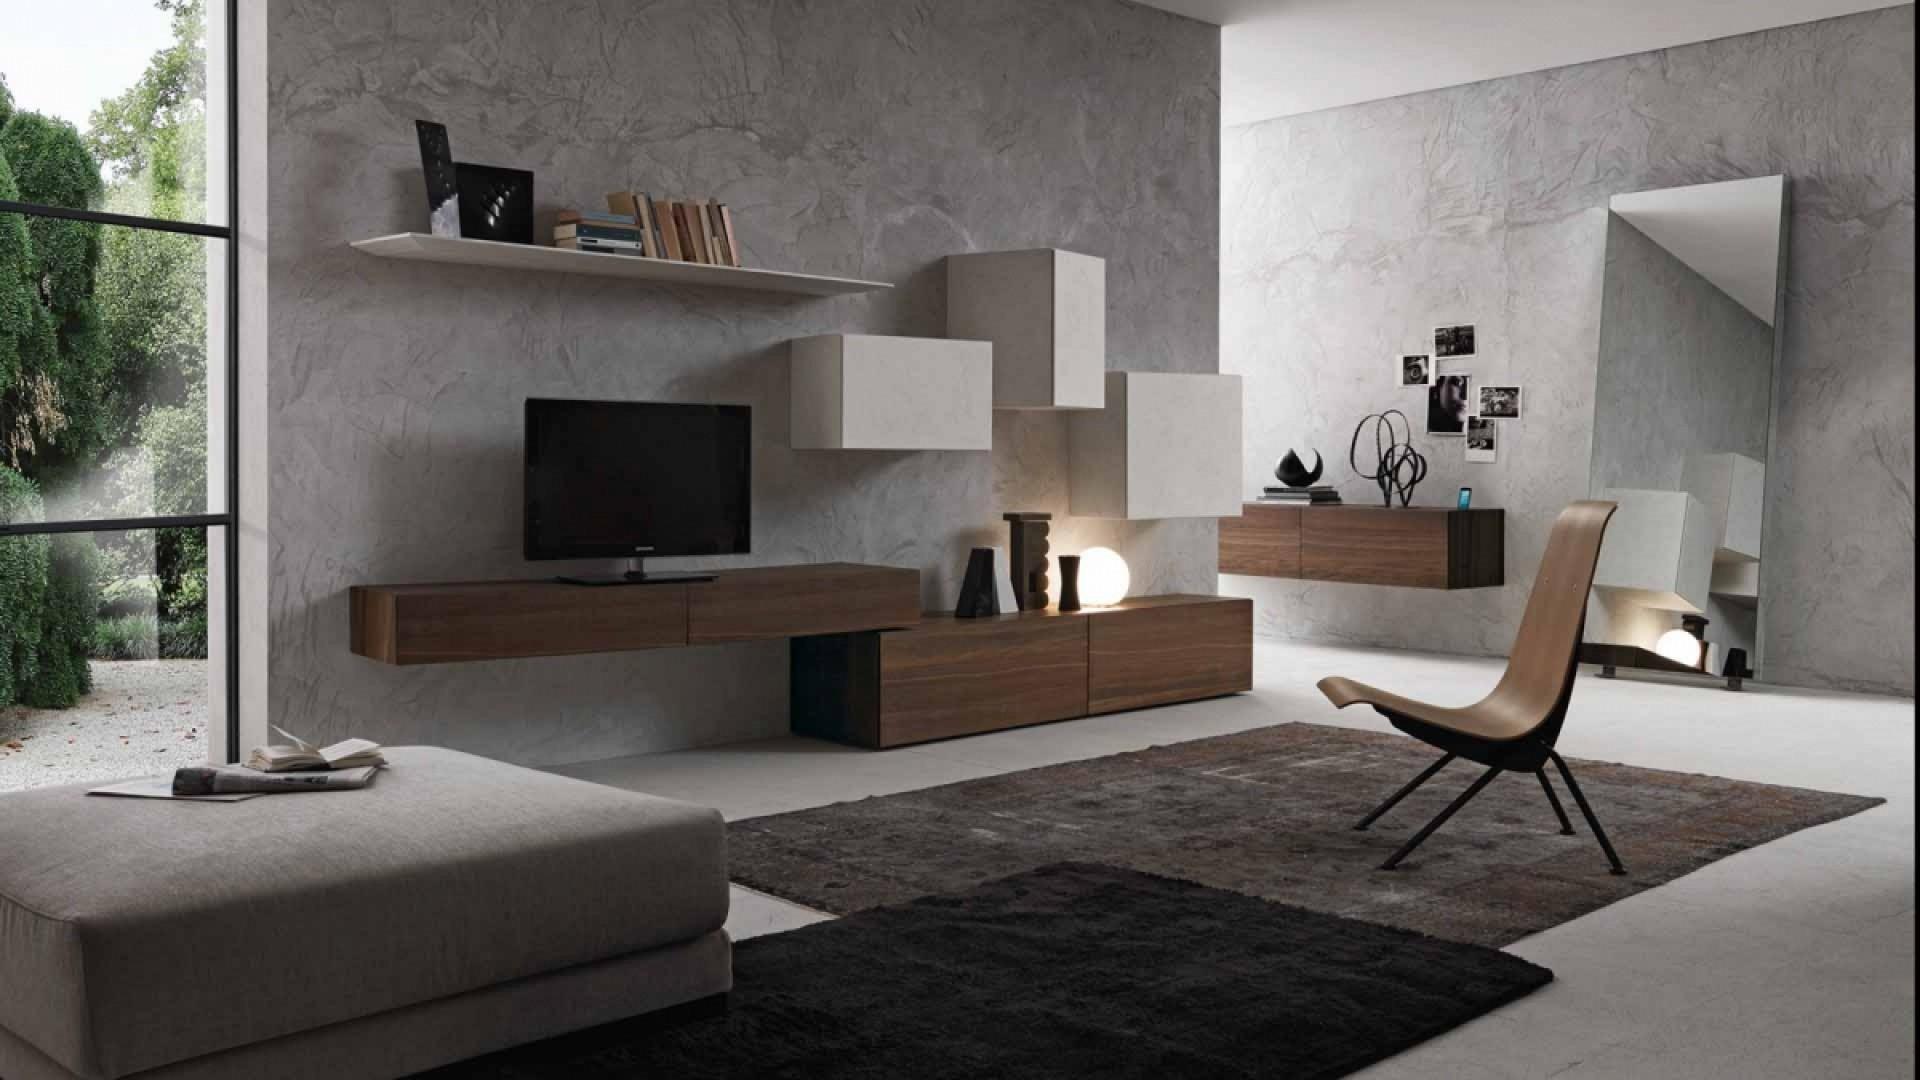 Inclinart essegi arredo mobili e arredamento d 39 interni for Tavoli e sedie soggiorno moderno